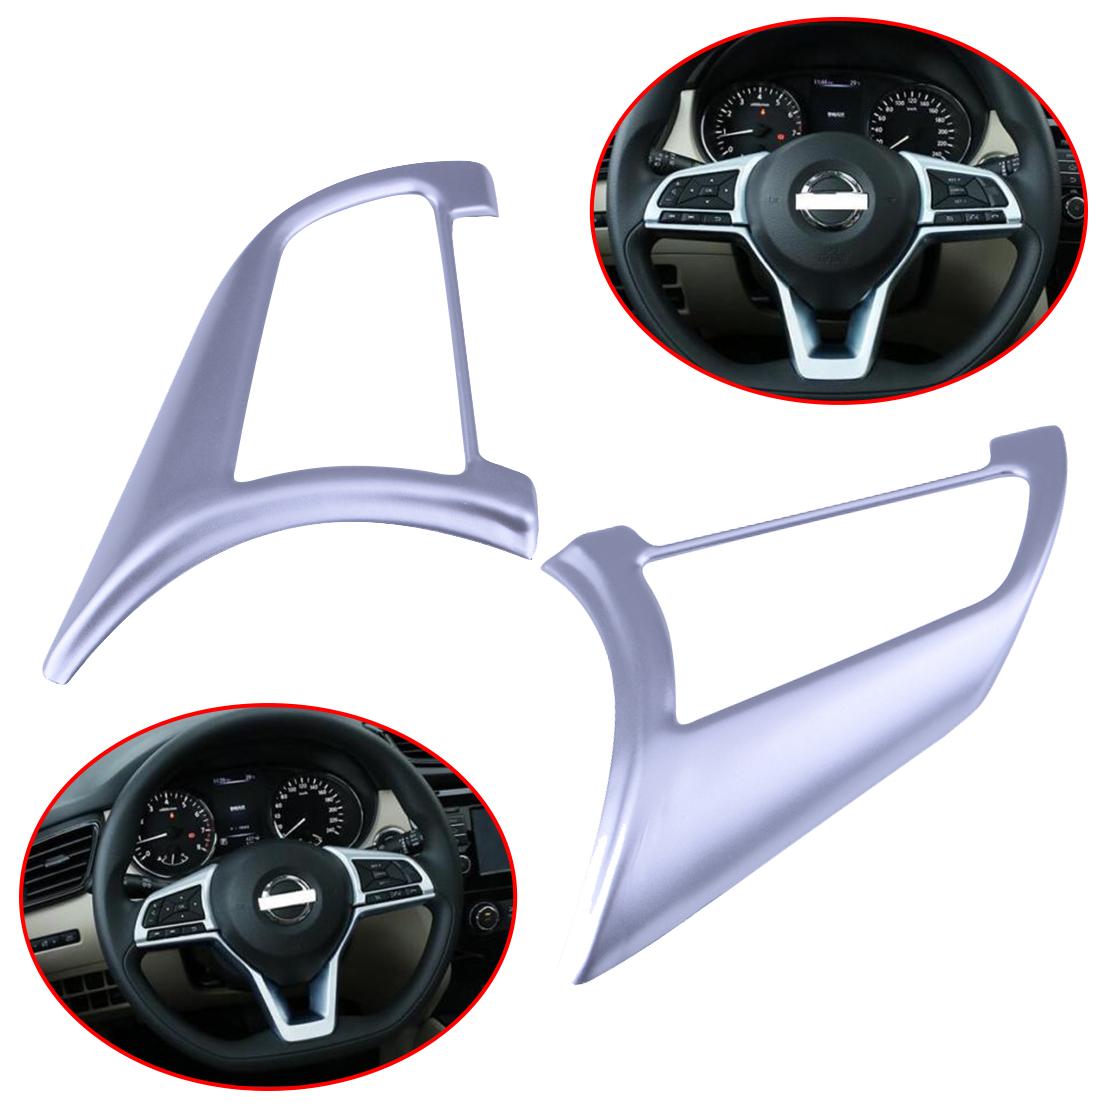 2Pcs Chrome Steering Wheel Button Trim For NISSAN ROGUE SPORT 2017-18 Advantage